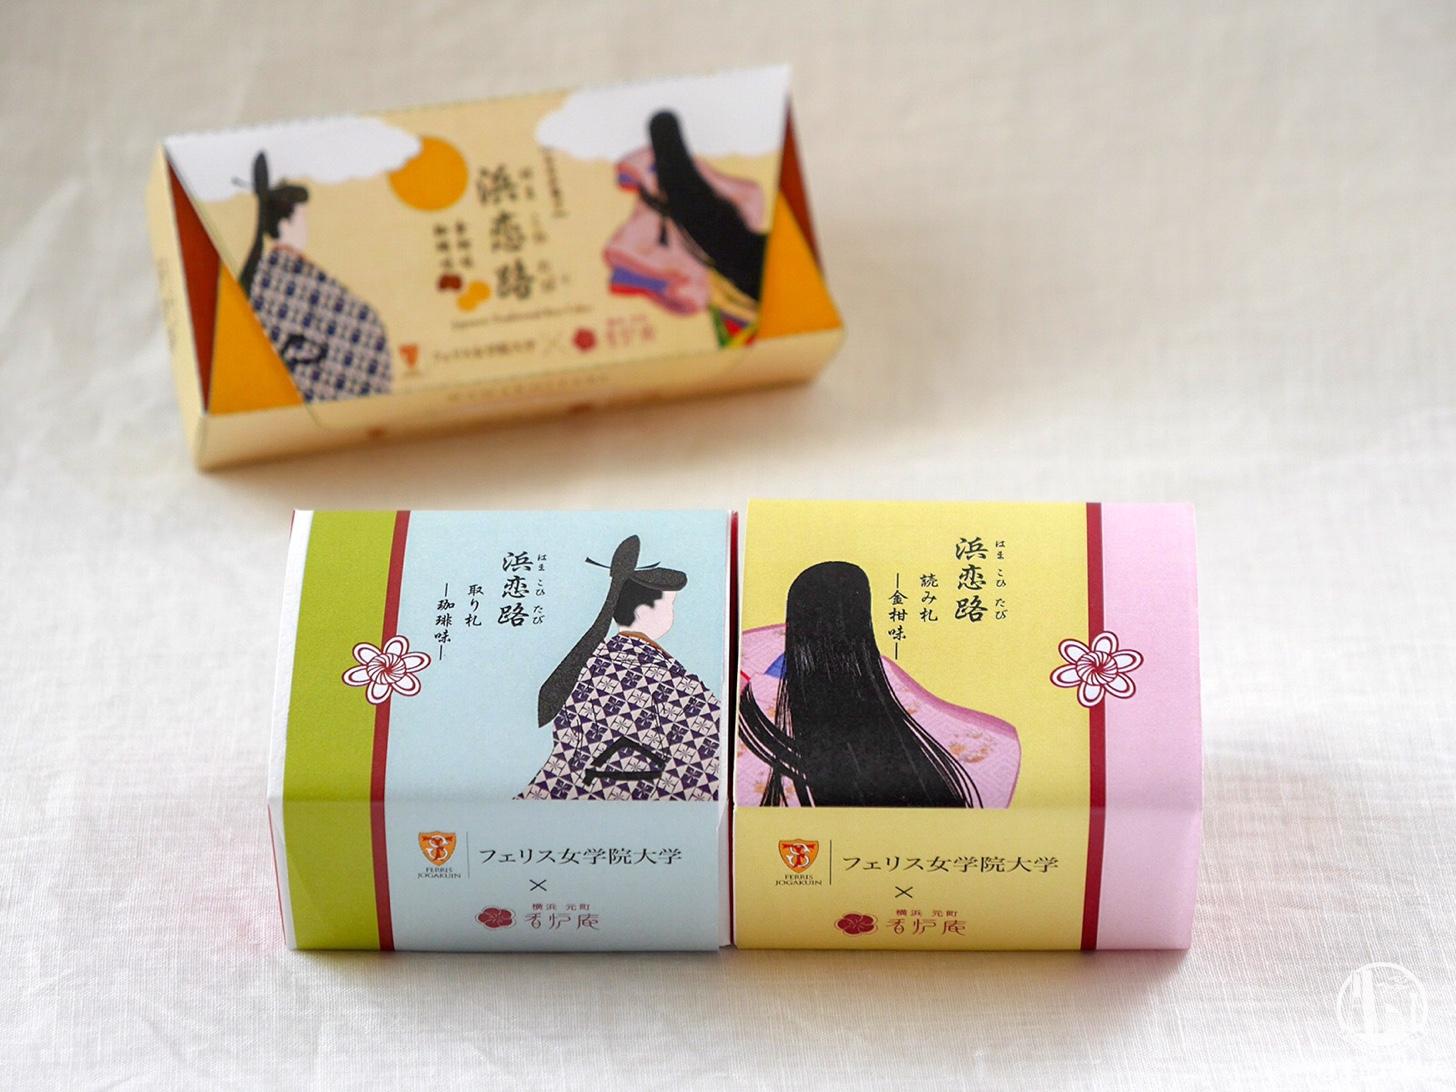 取り札(珈琲味)・読み札(金柑味)全2種 2種が入るパッケージもあり